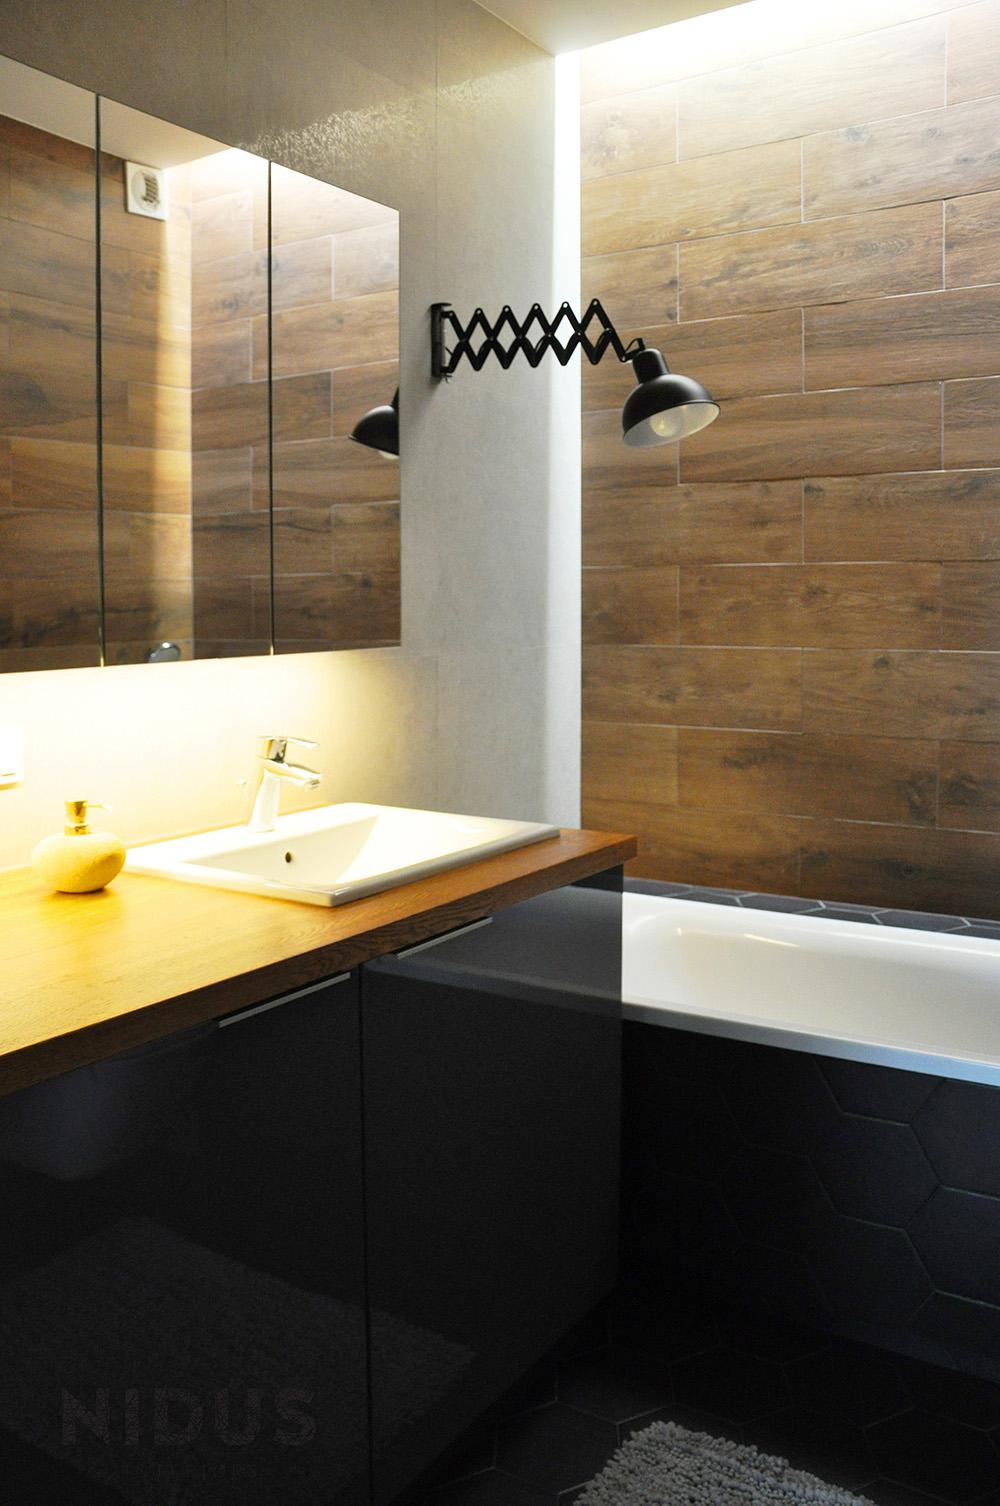 Nastrojowa łazienka w ciemnych kolorach